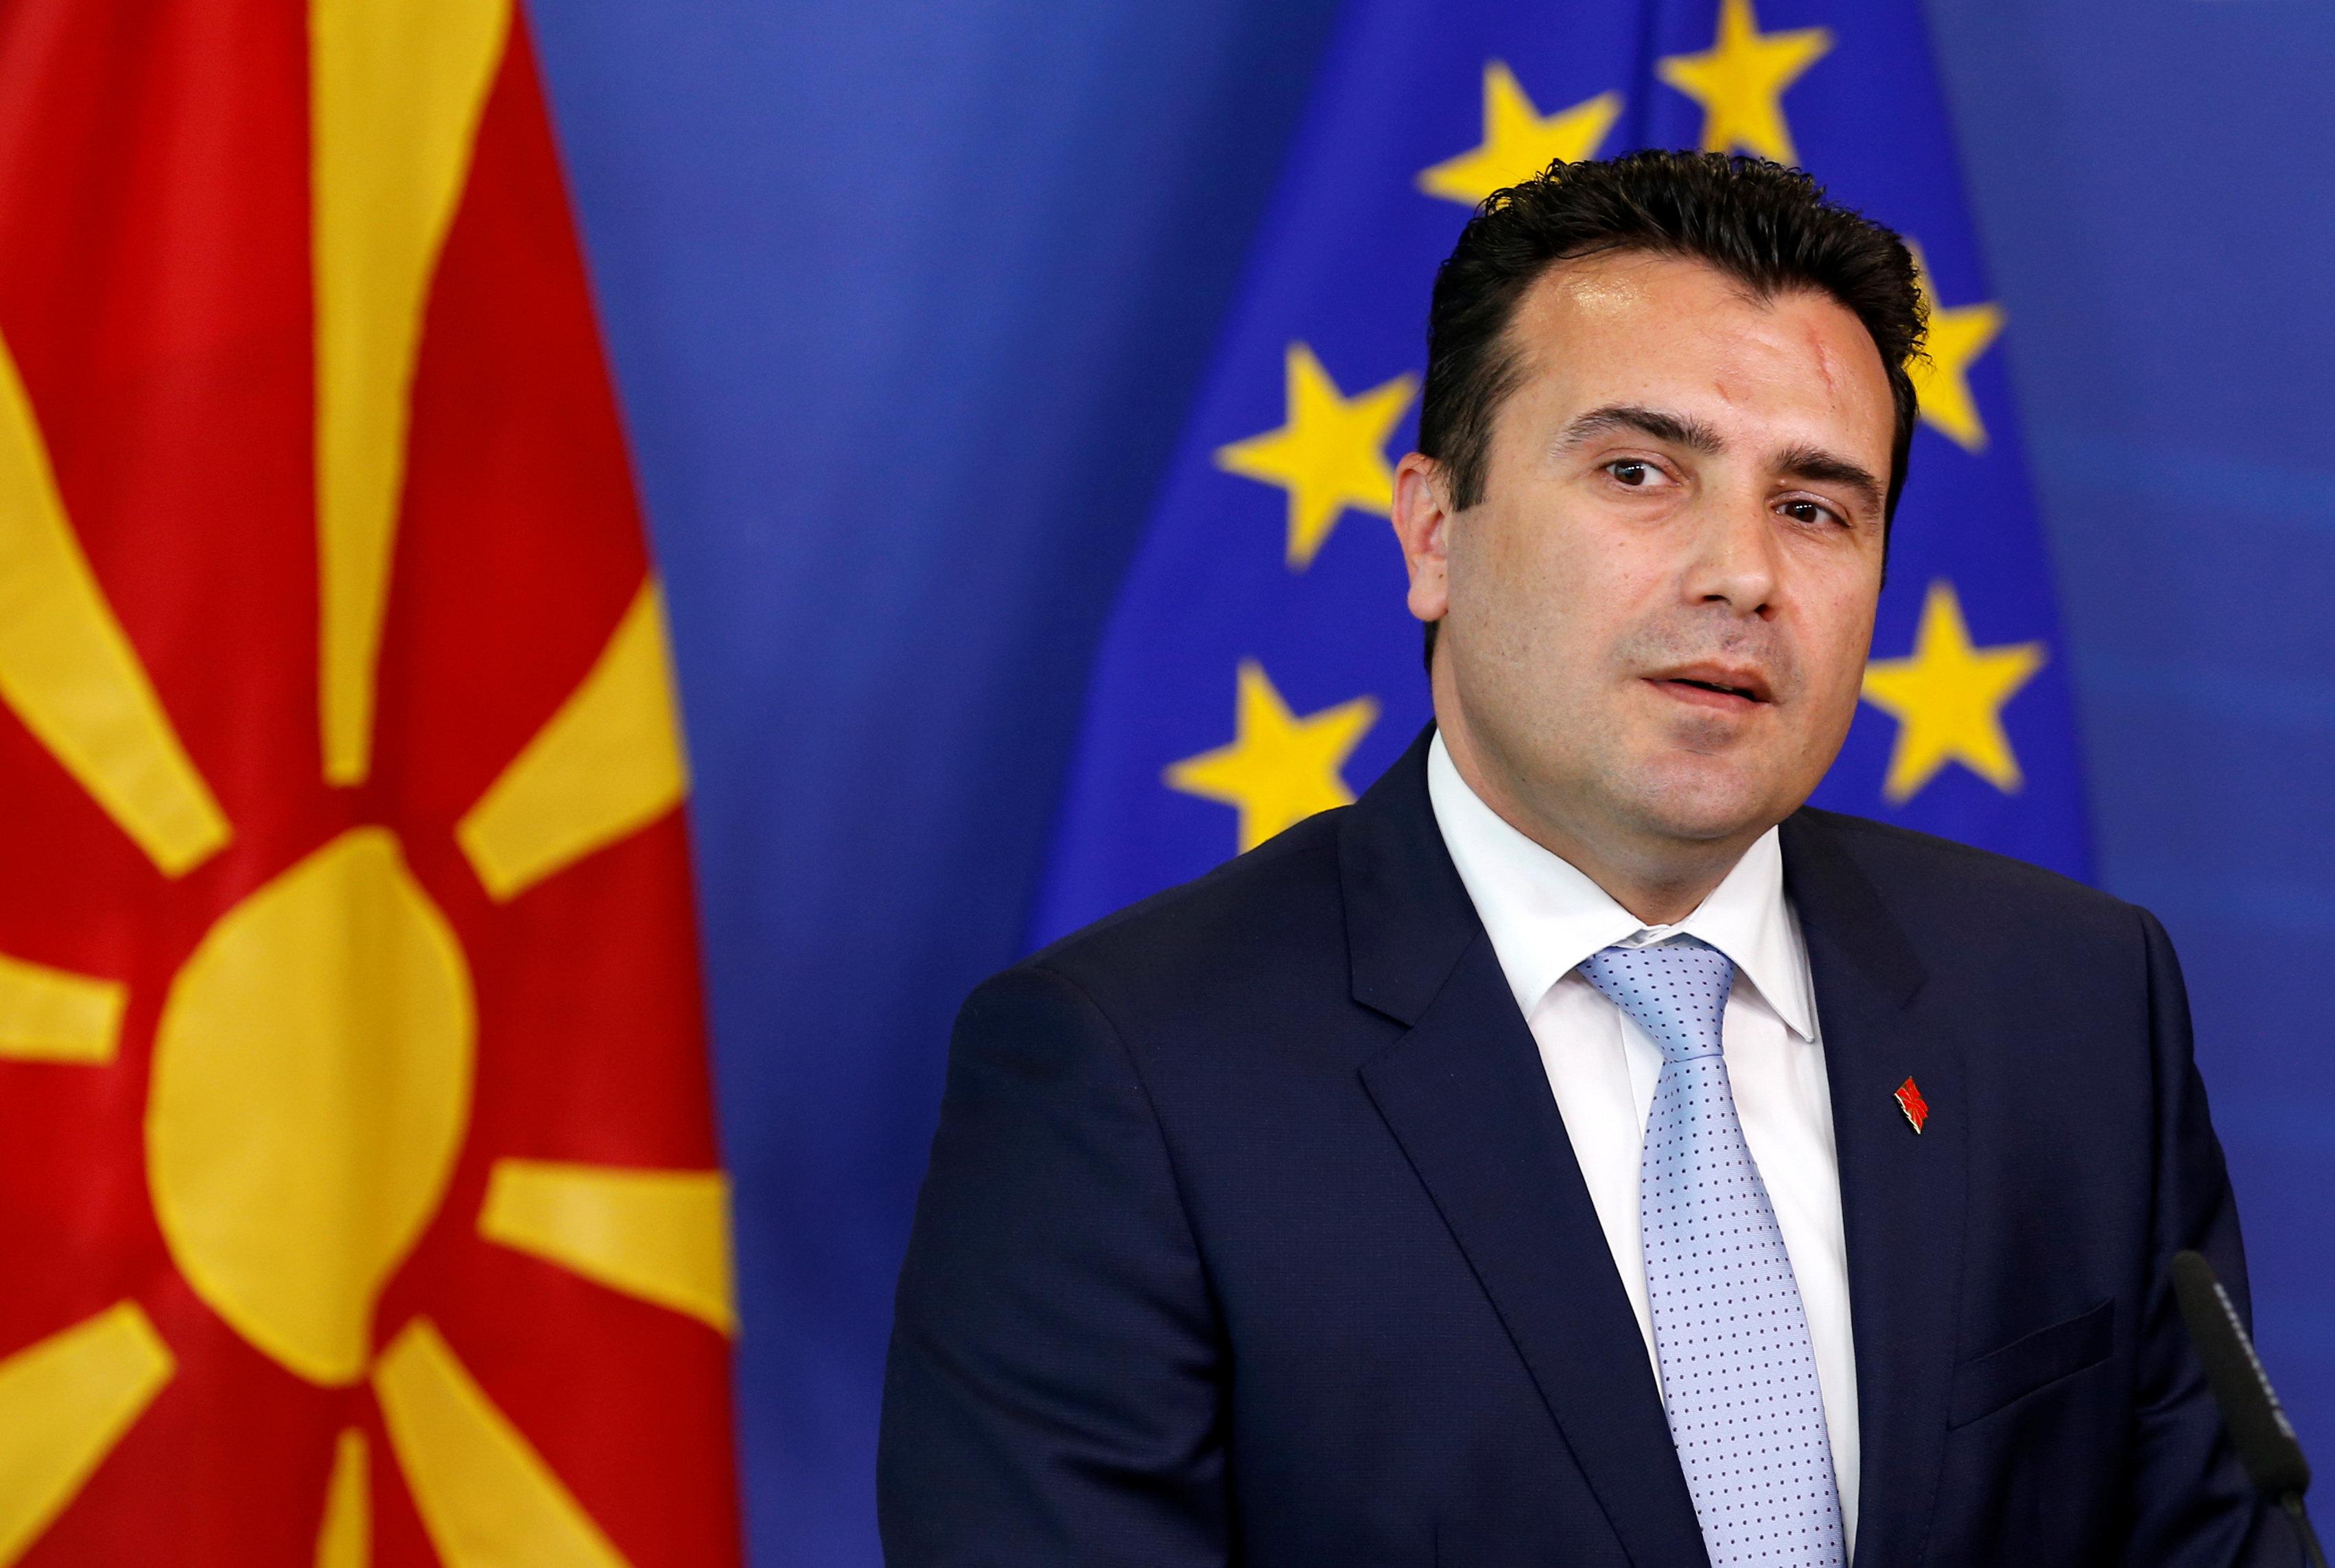 «Επί πολλά χρόνια η ΠΓΔΜ προκαλούσε την Ελλάδα», παραδέχεται ο πρωθυπουργός Ζόραν